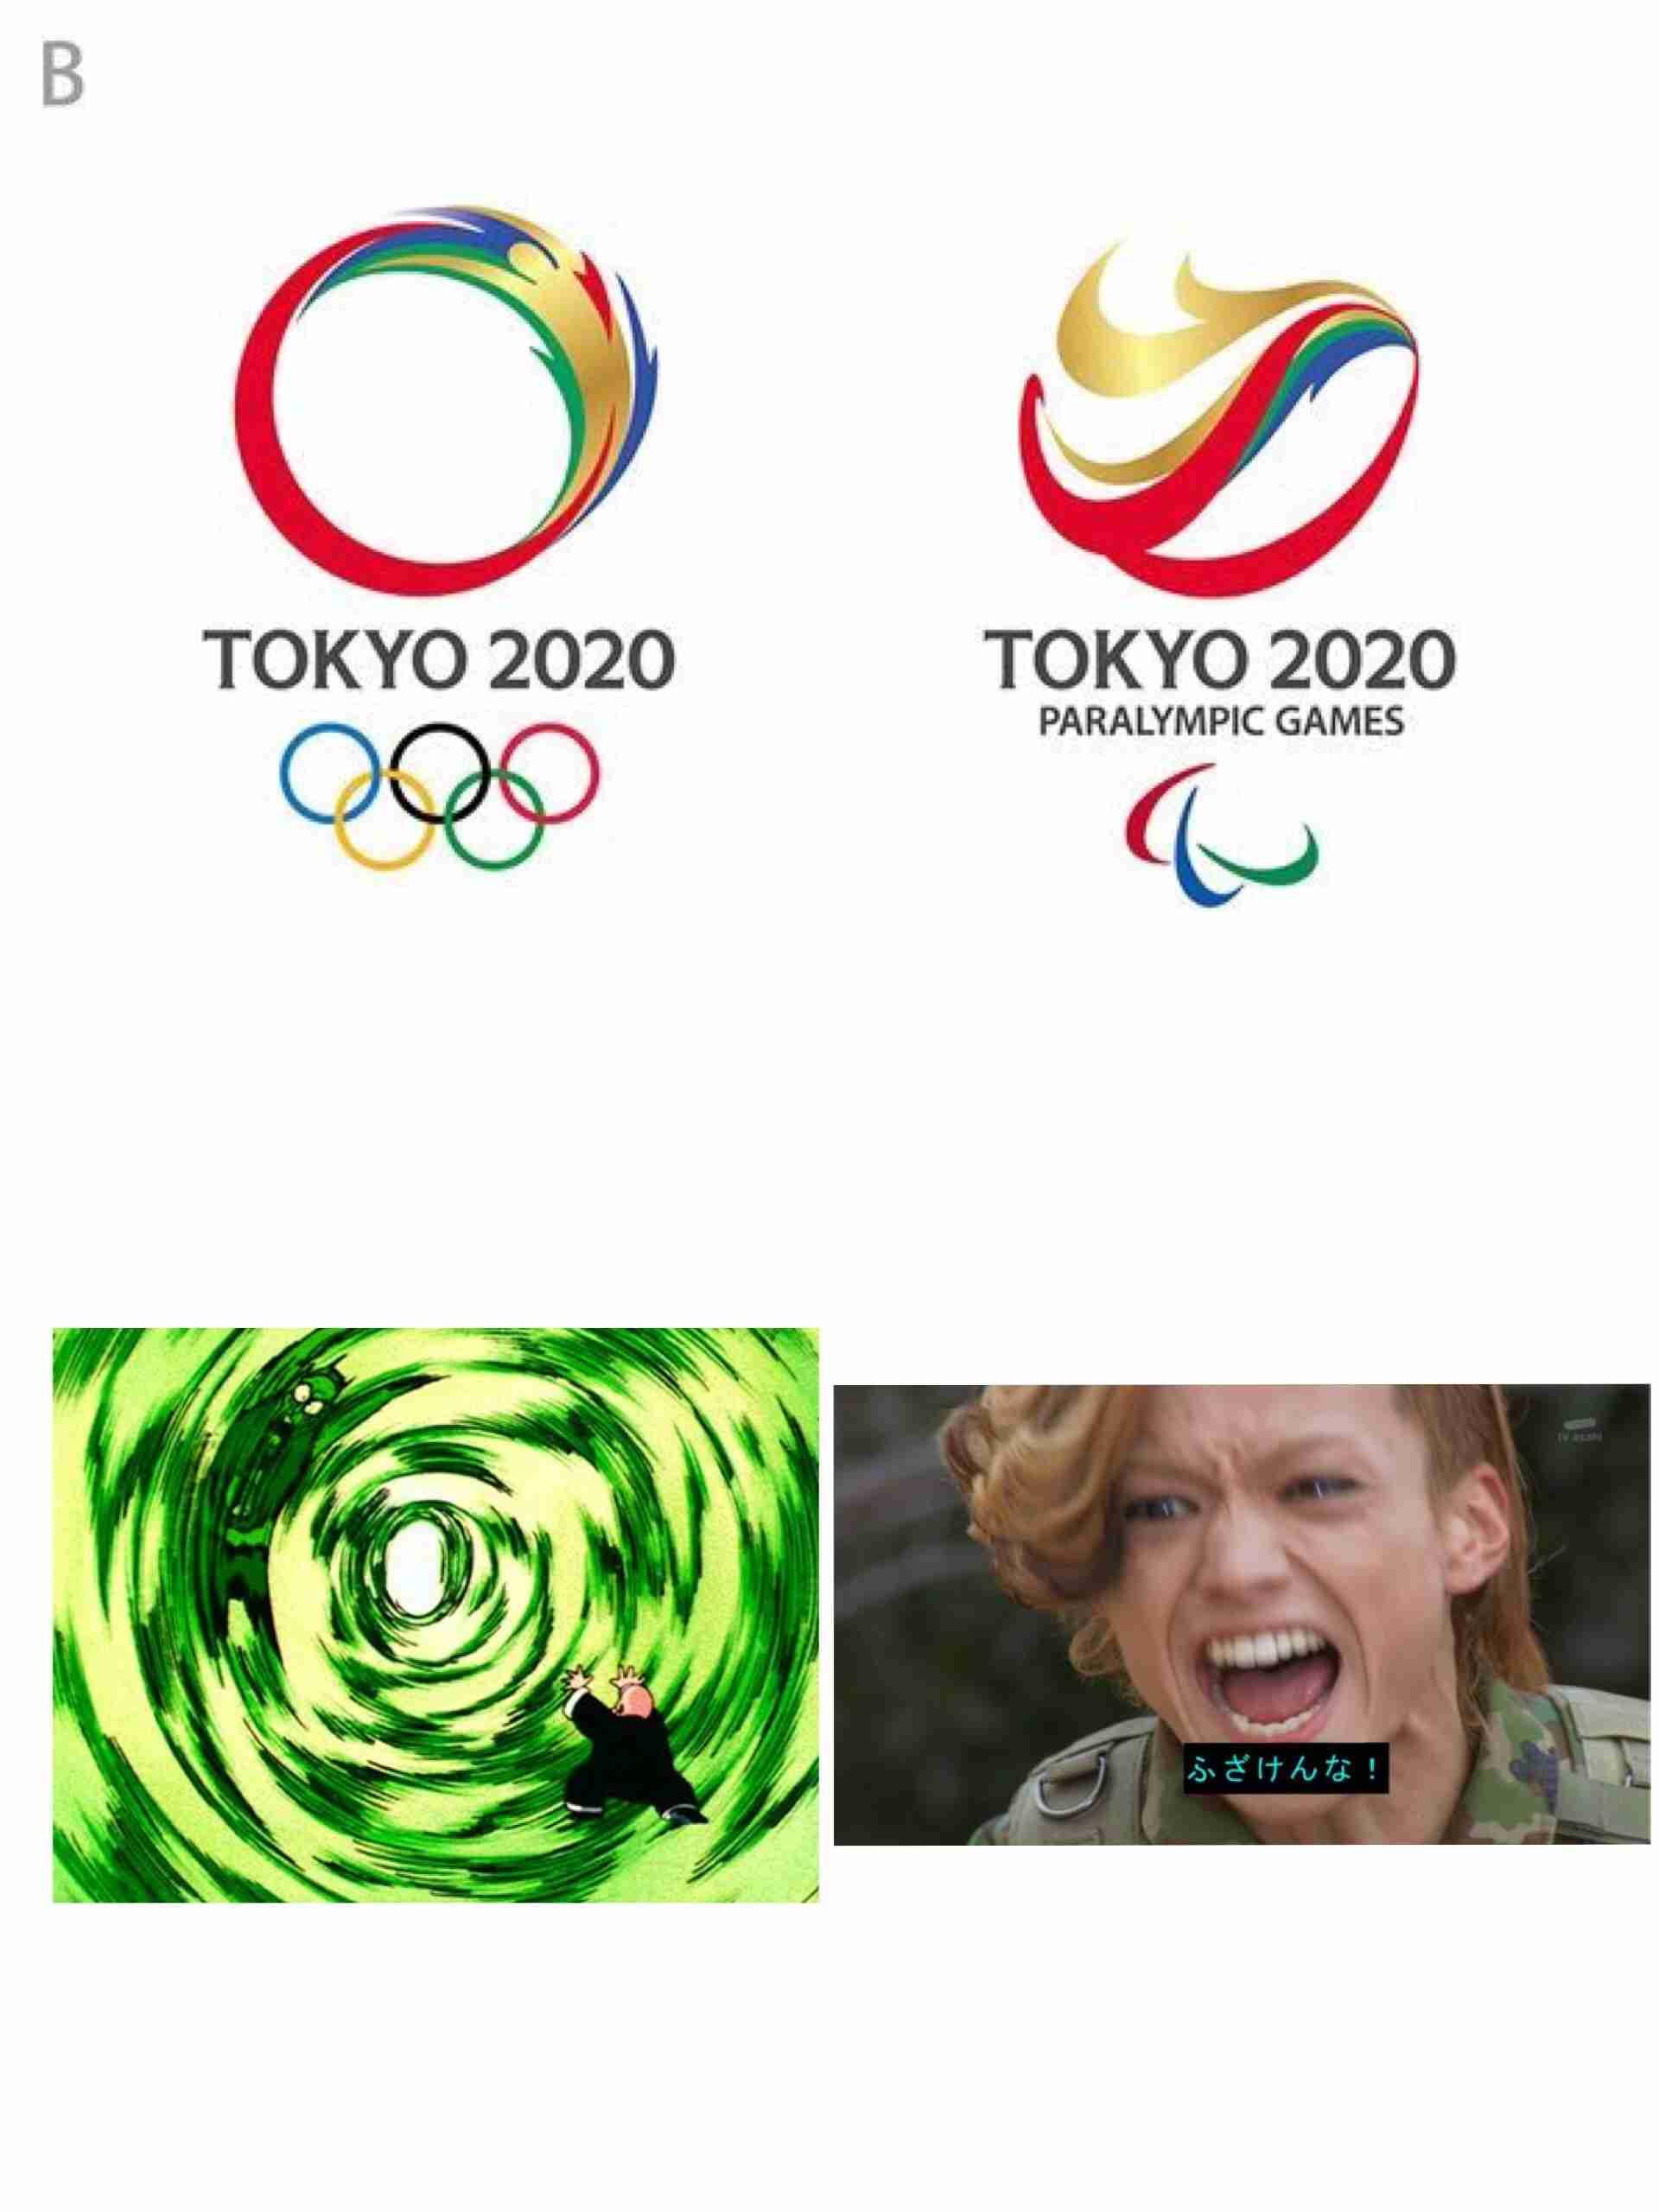 東京五輪エンブレムまた疑惑?最終候補4作品の中に次点未満の繰り上げ作品